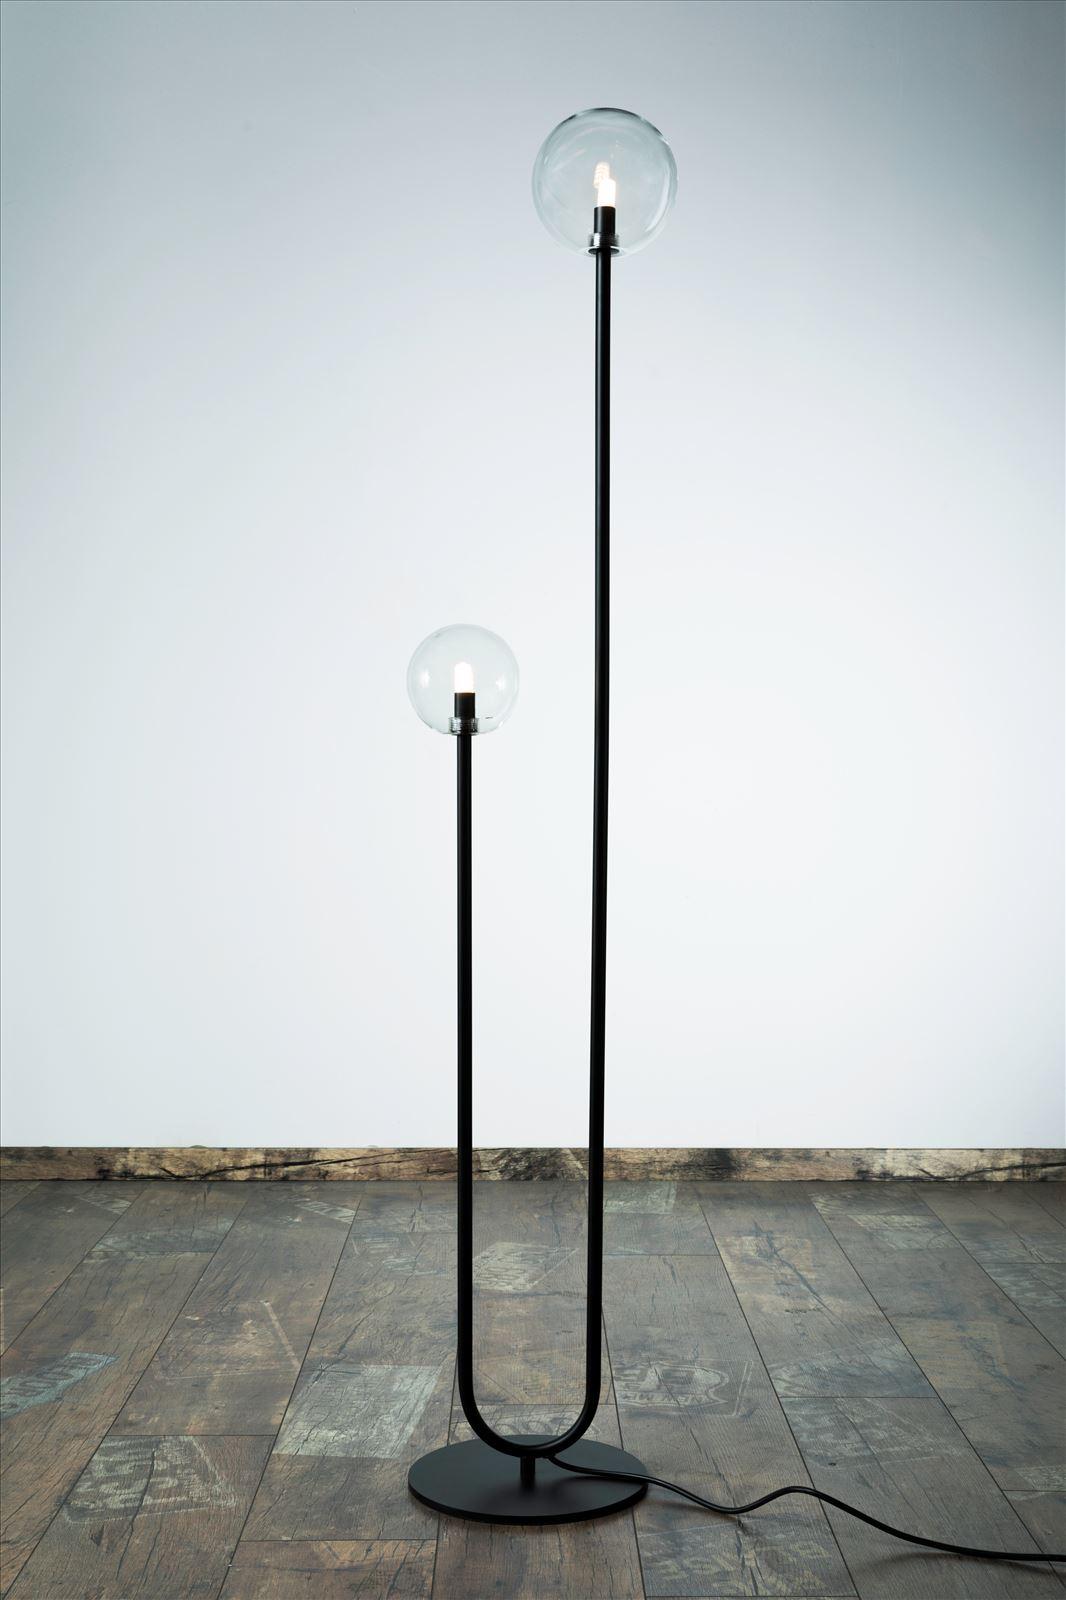 גופי תאורה בקטגוריית: מנורות עמידה  ,שם המוצר: מ.עמידה פריז S שחור